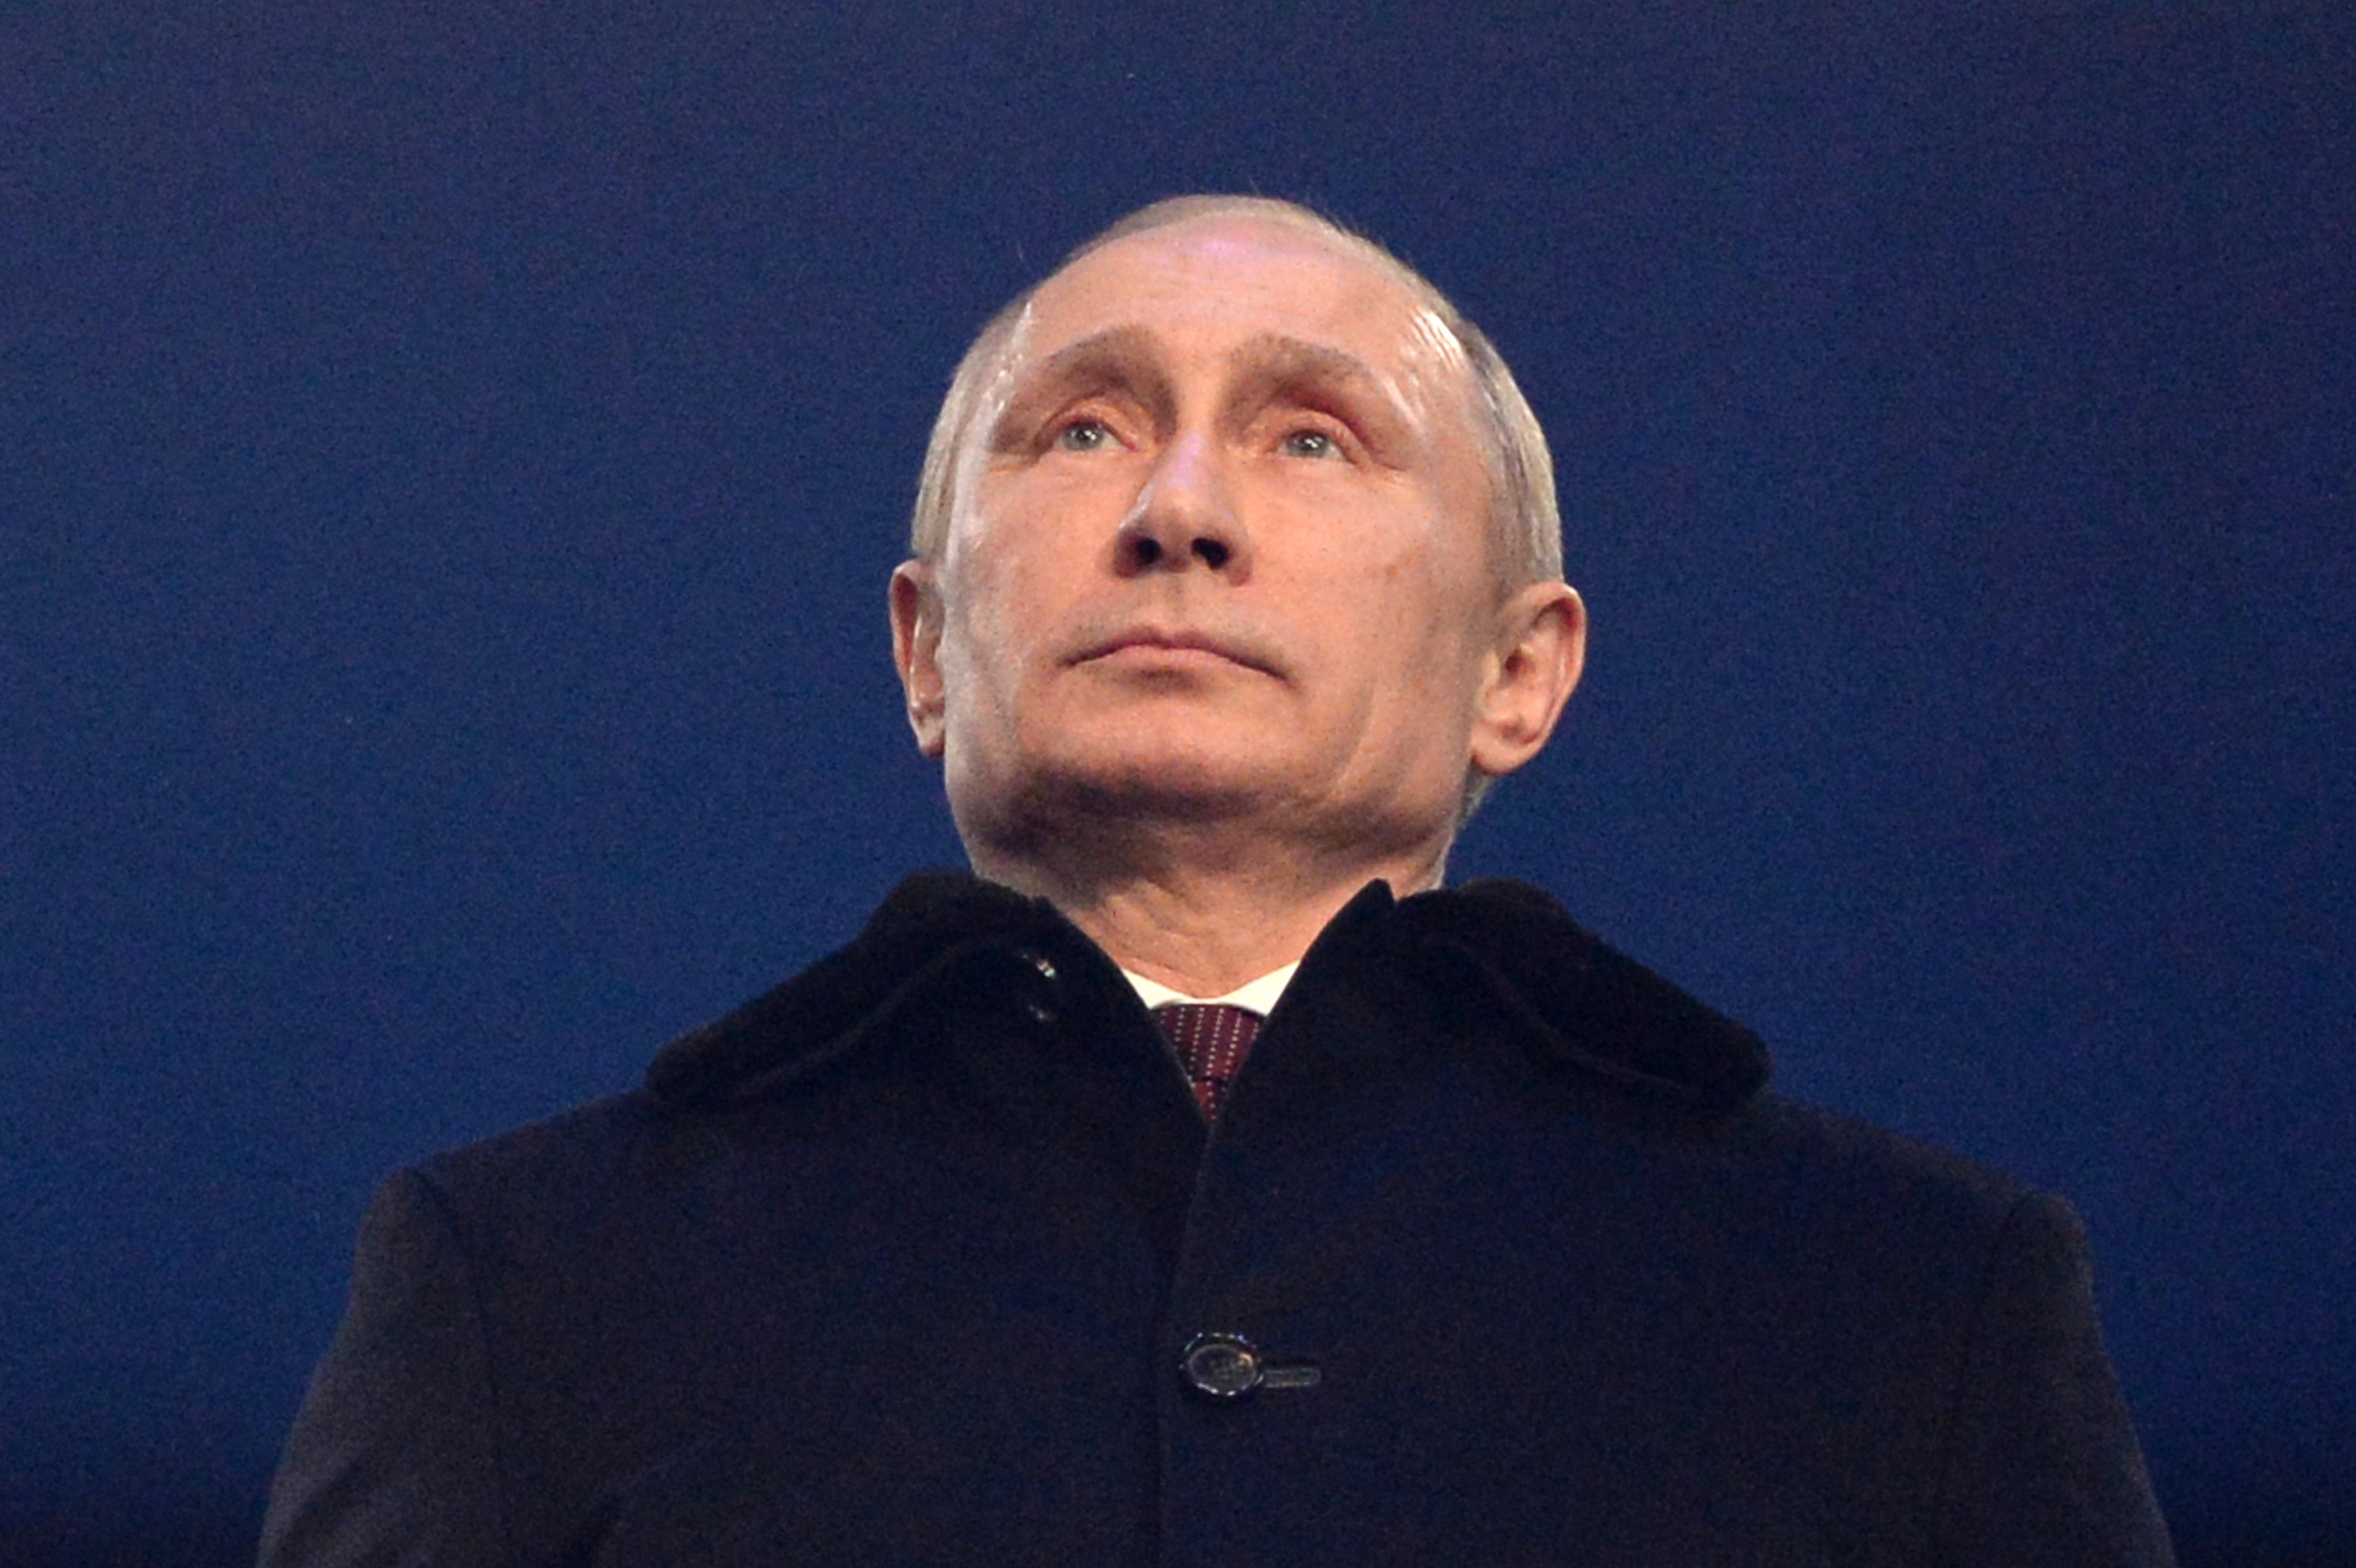 Putyin 2014-ben utasítást adott egy török utasszállító lelövésére